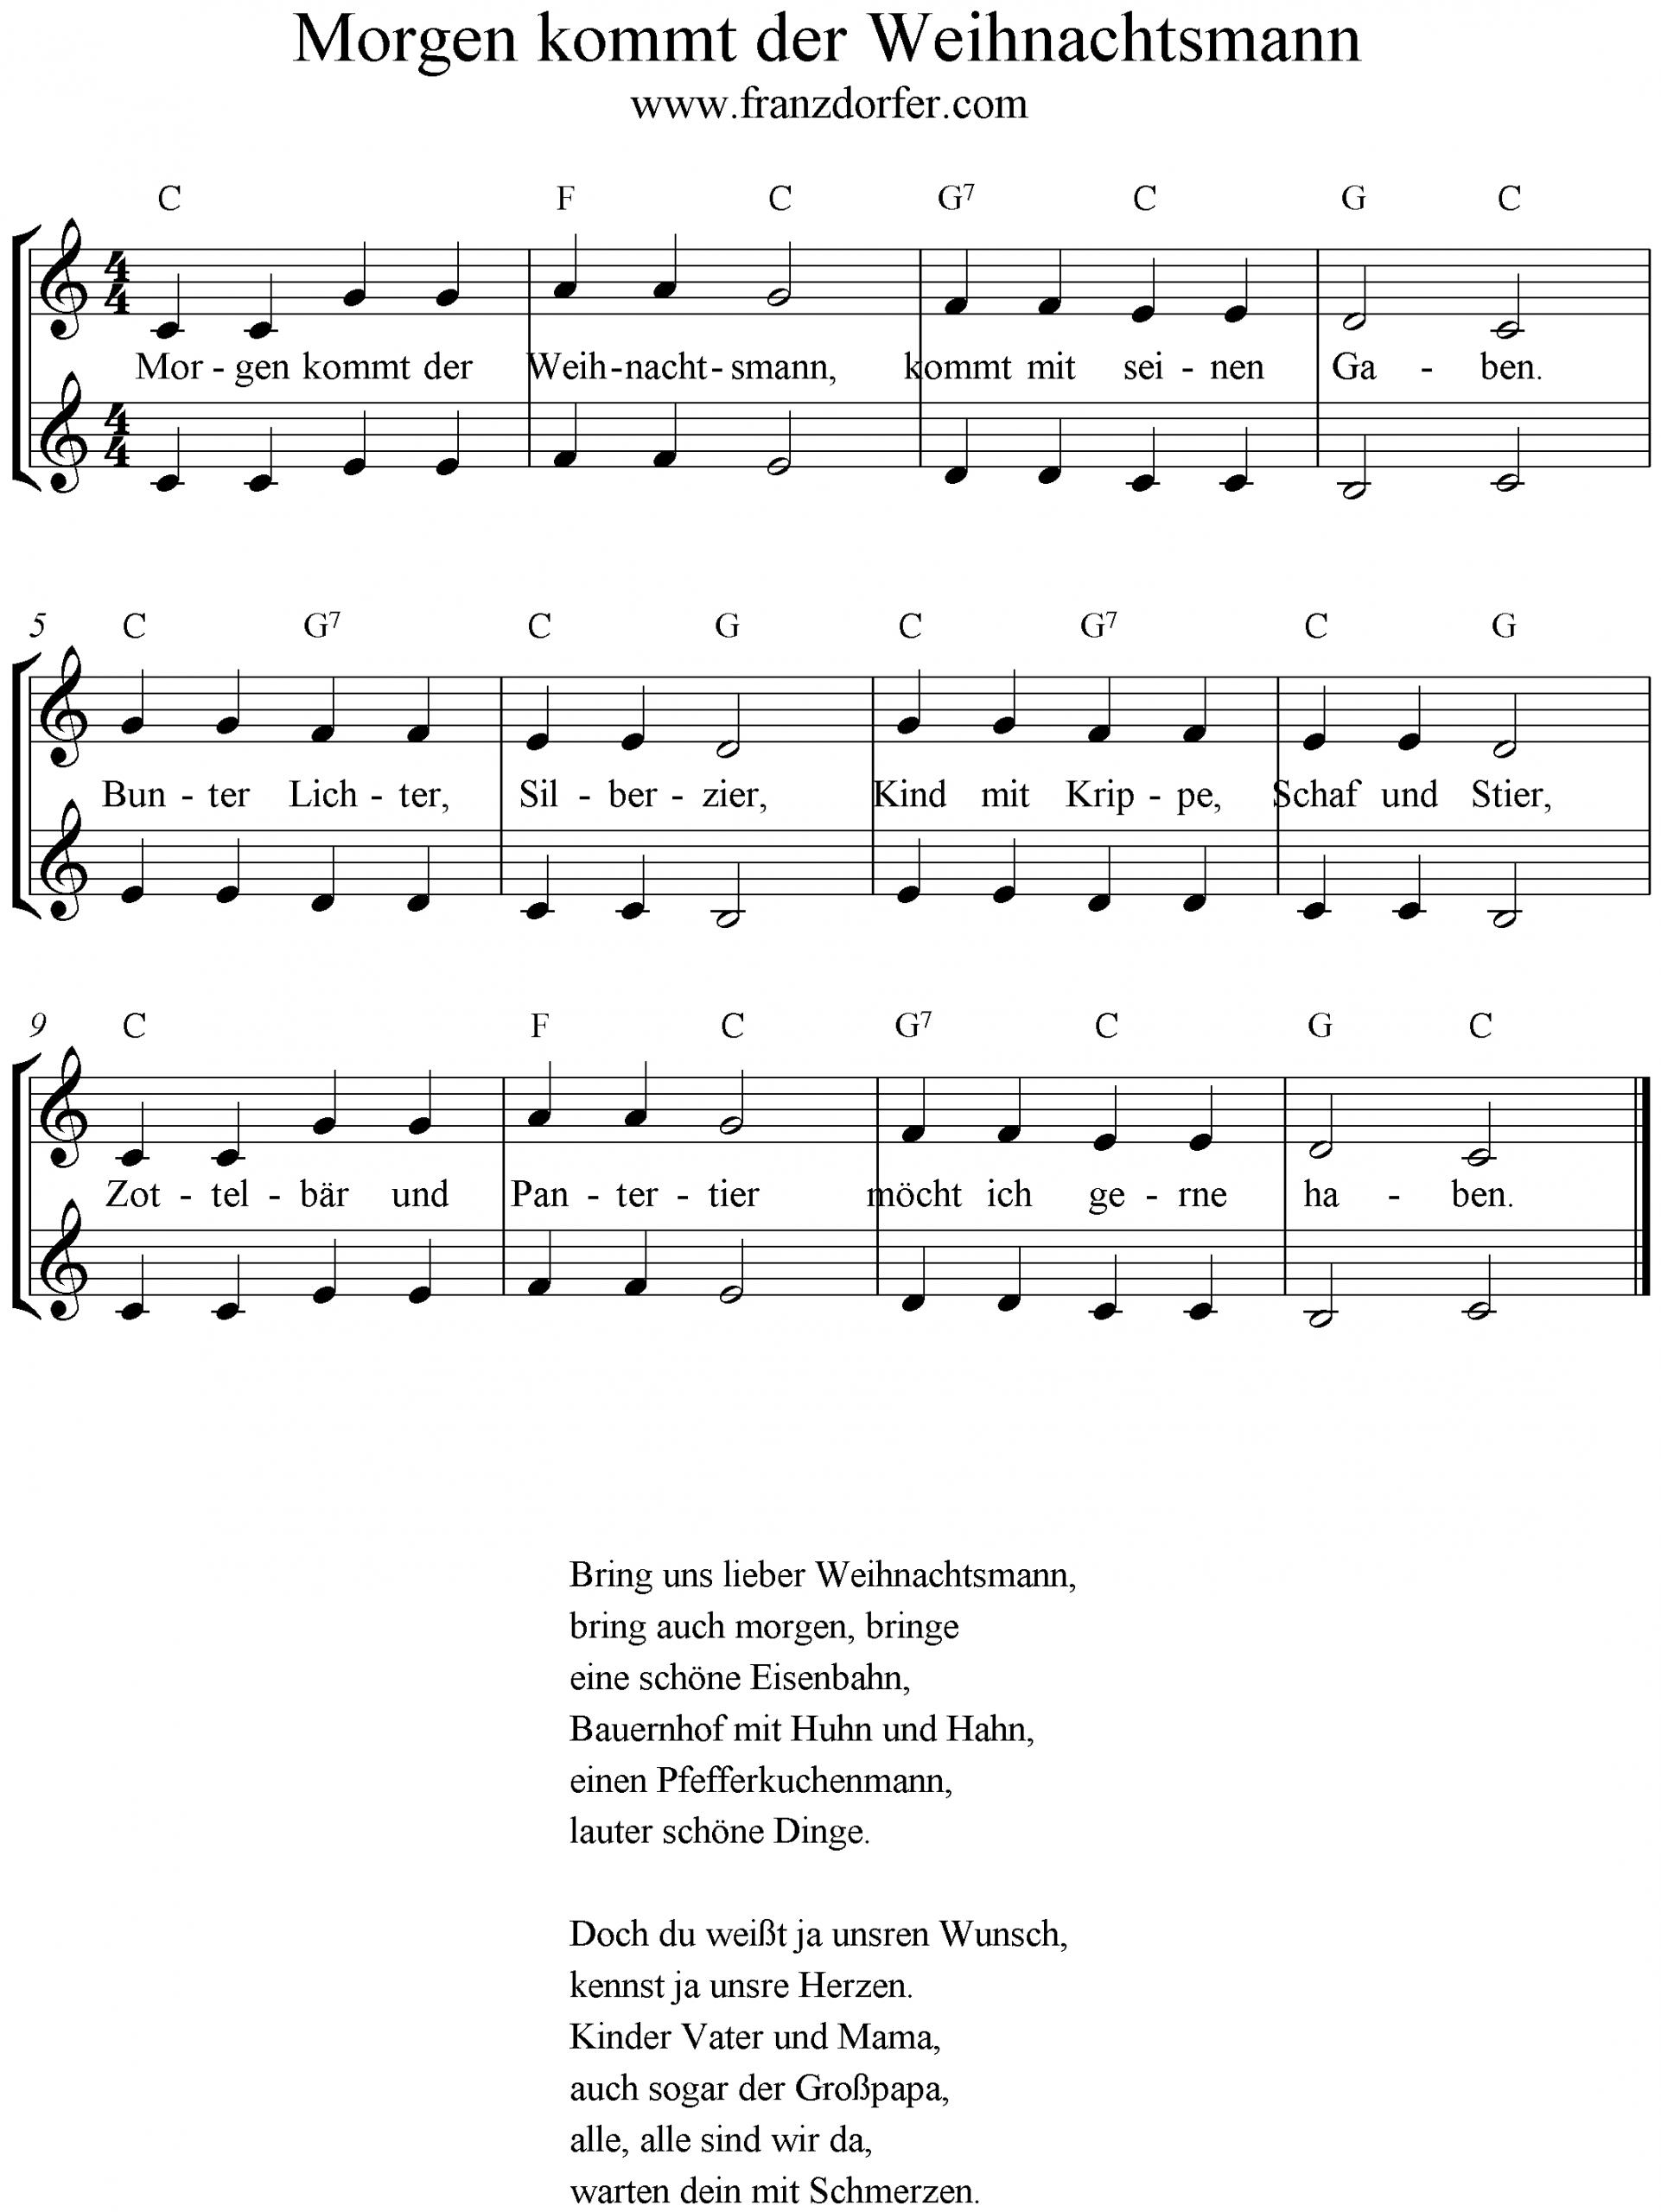 Liedtext Morgen Kommt Der Weihnachtsmann